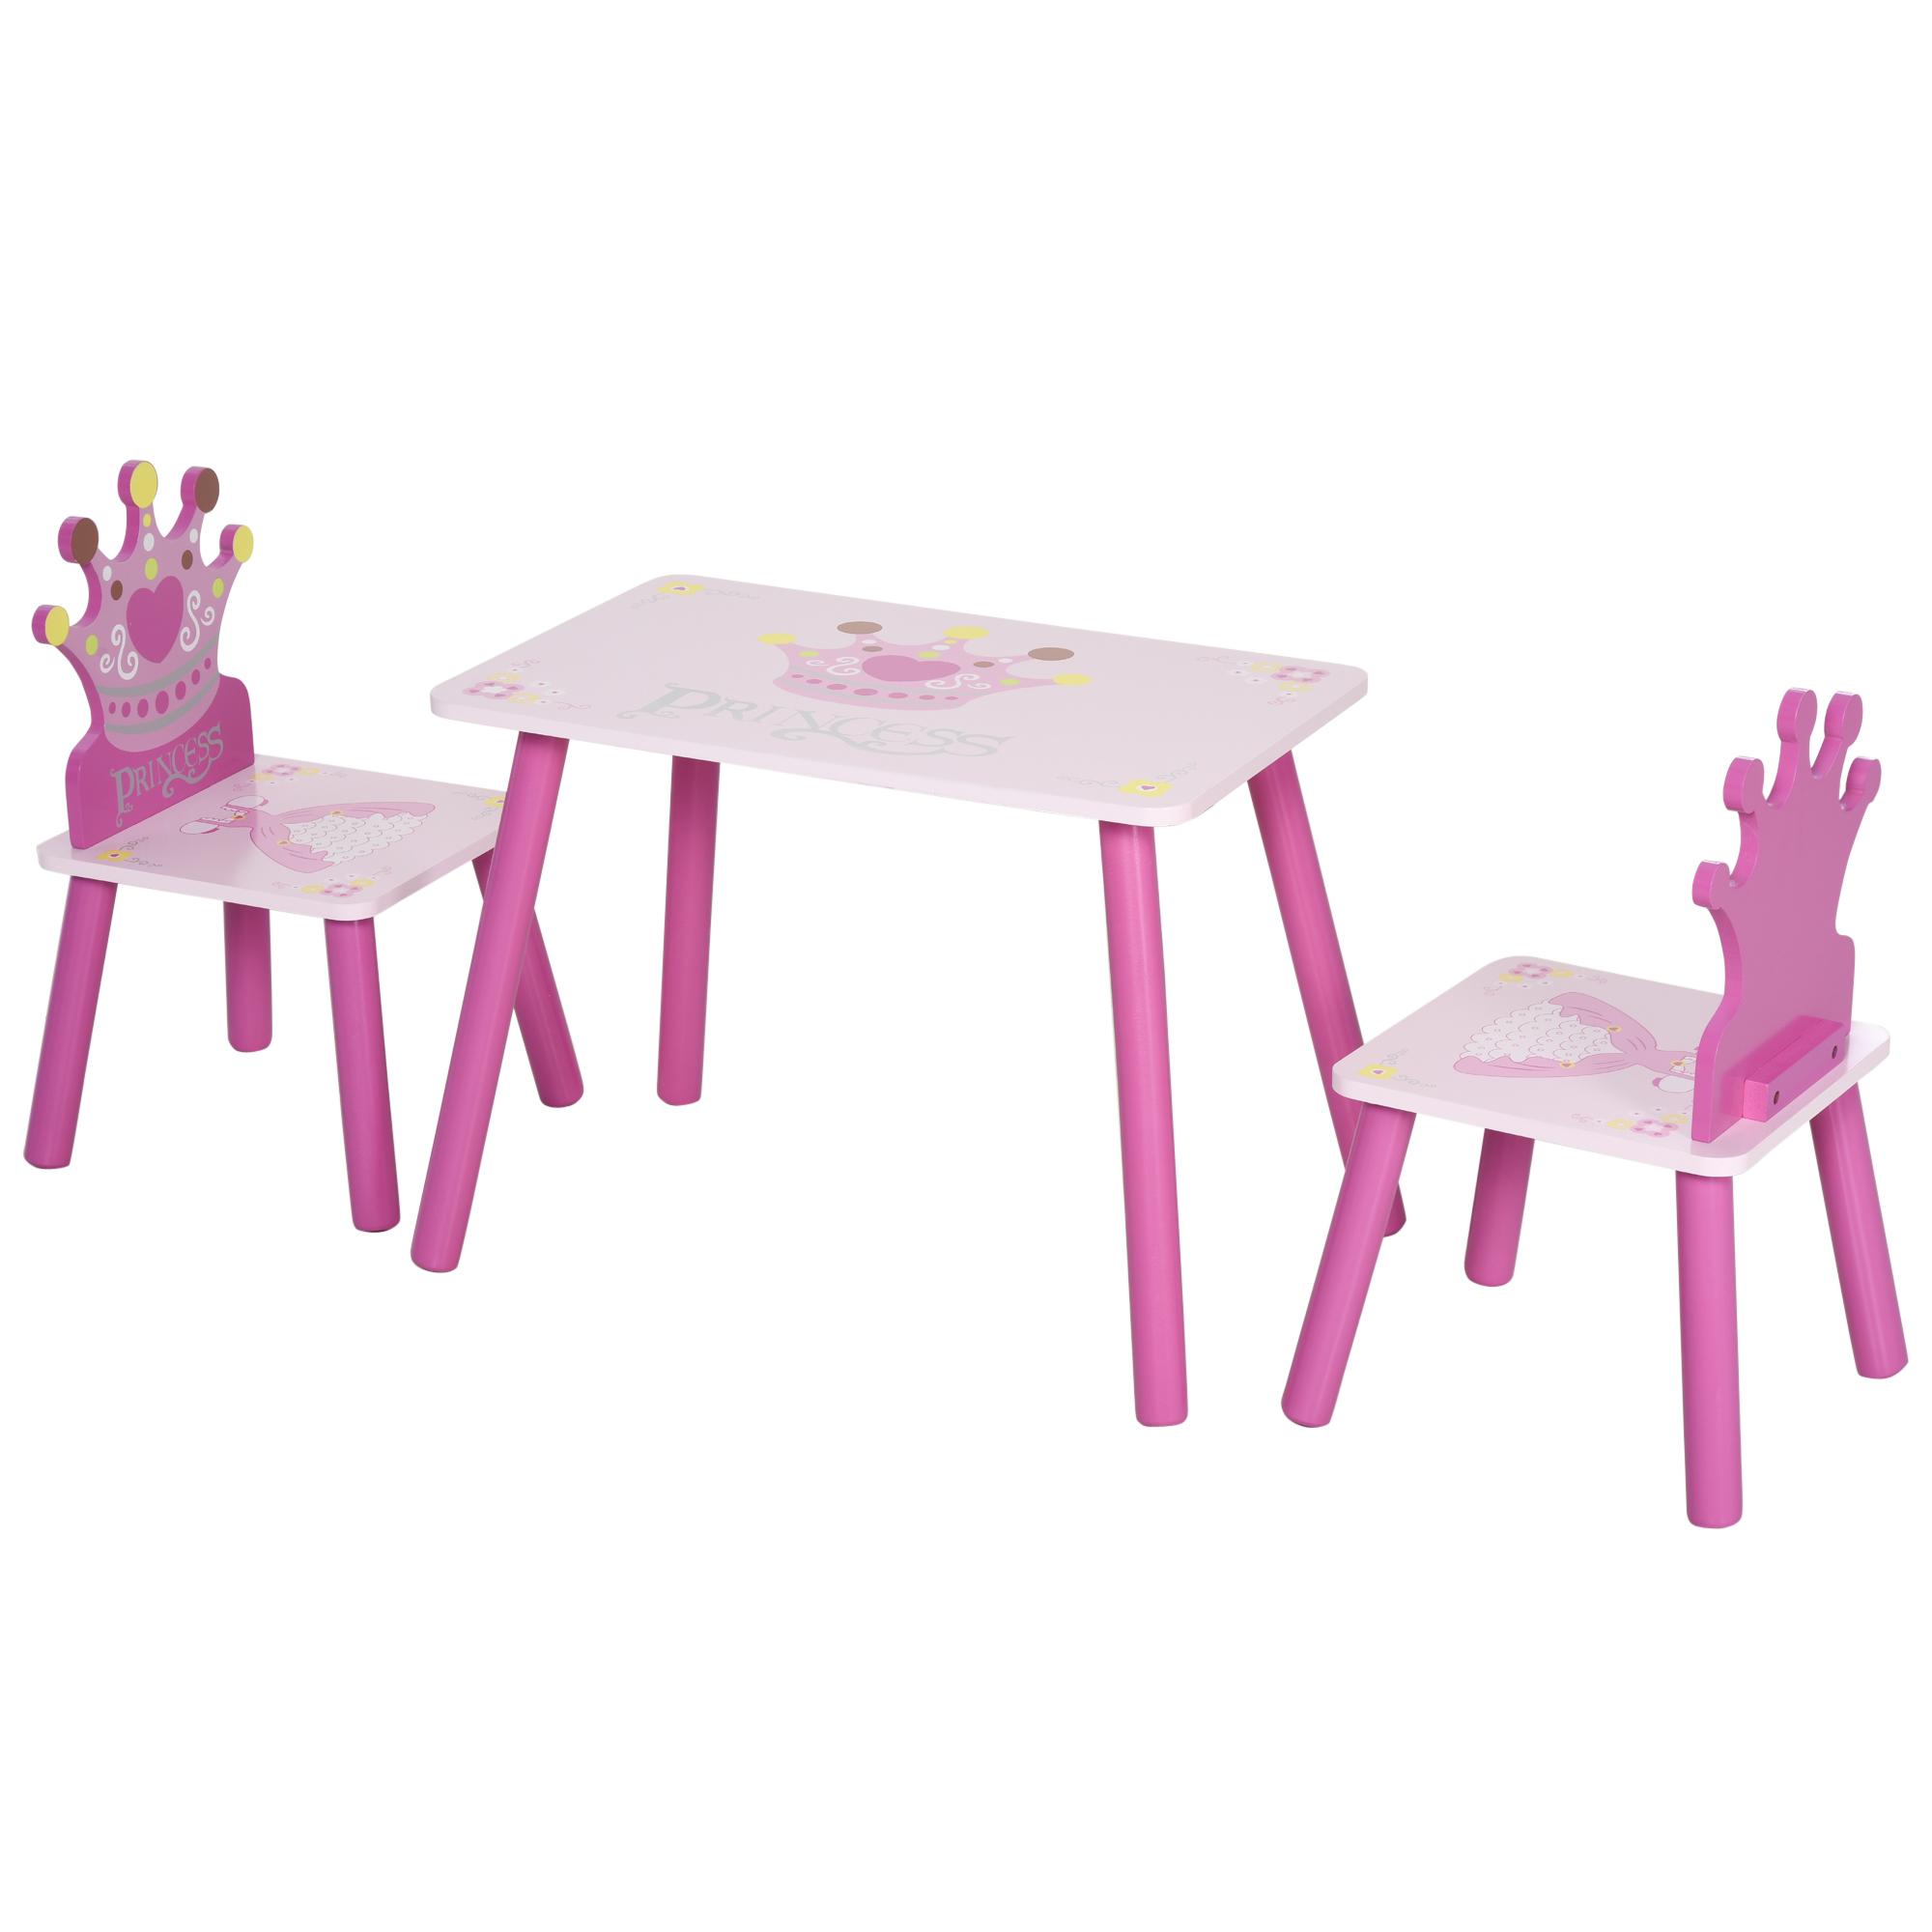 Ensemble table et chaises enfant design princesse couronne bois pin MDF rose